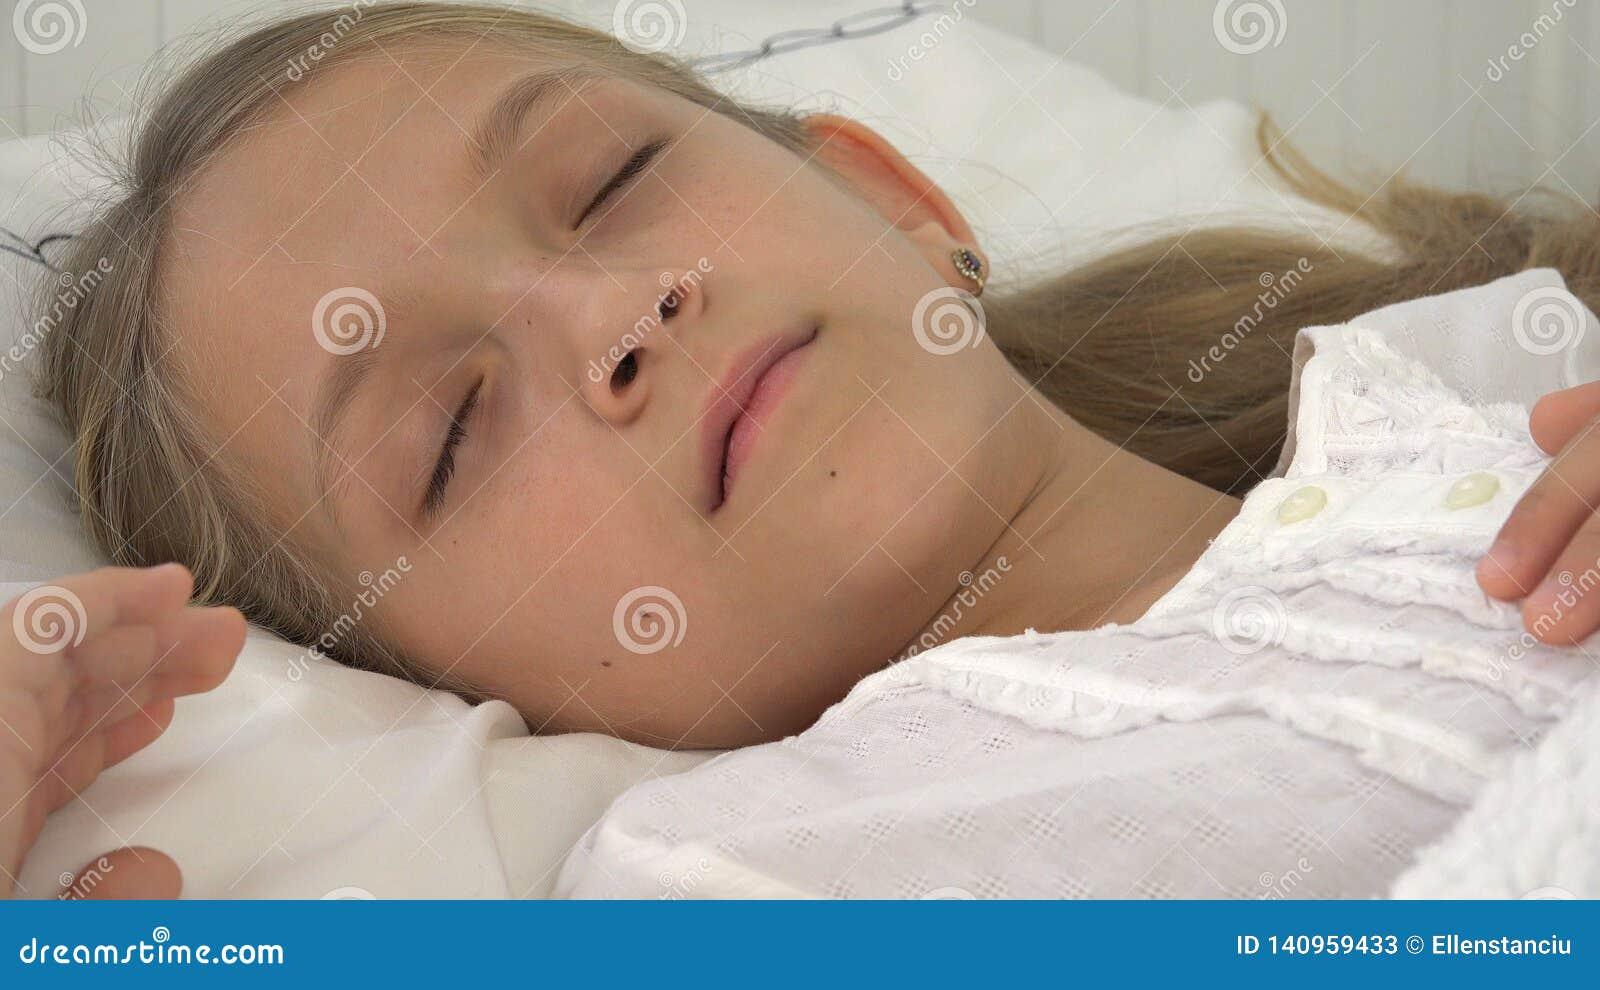 Bambino malato a letto, bambino malato con il termometro, ragazza in ospedale, medicina delle pillole